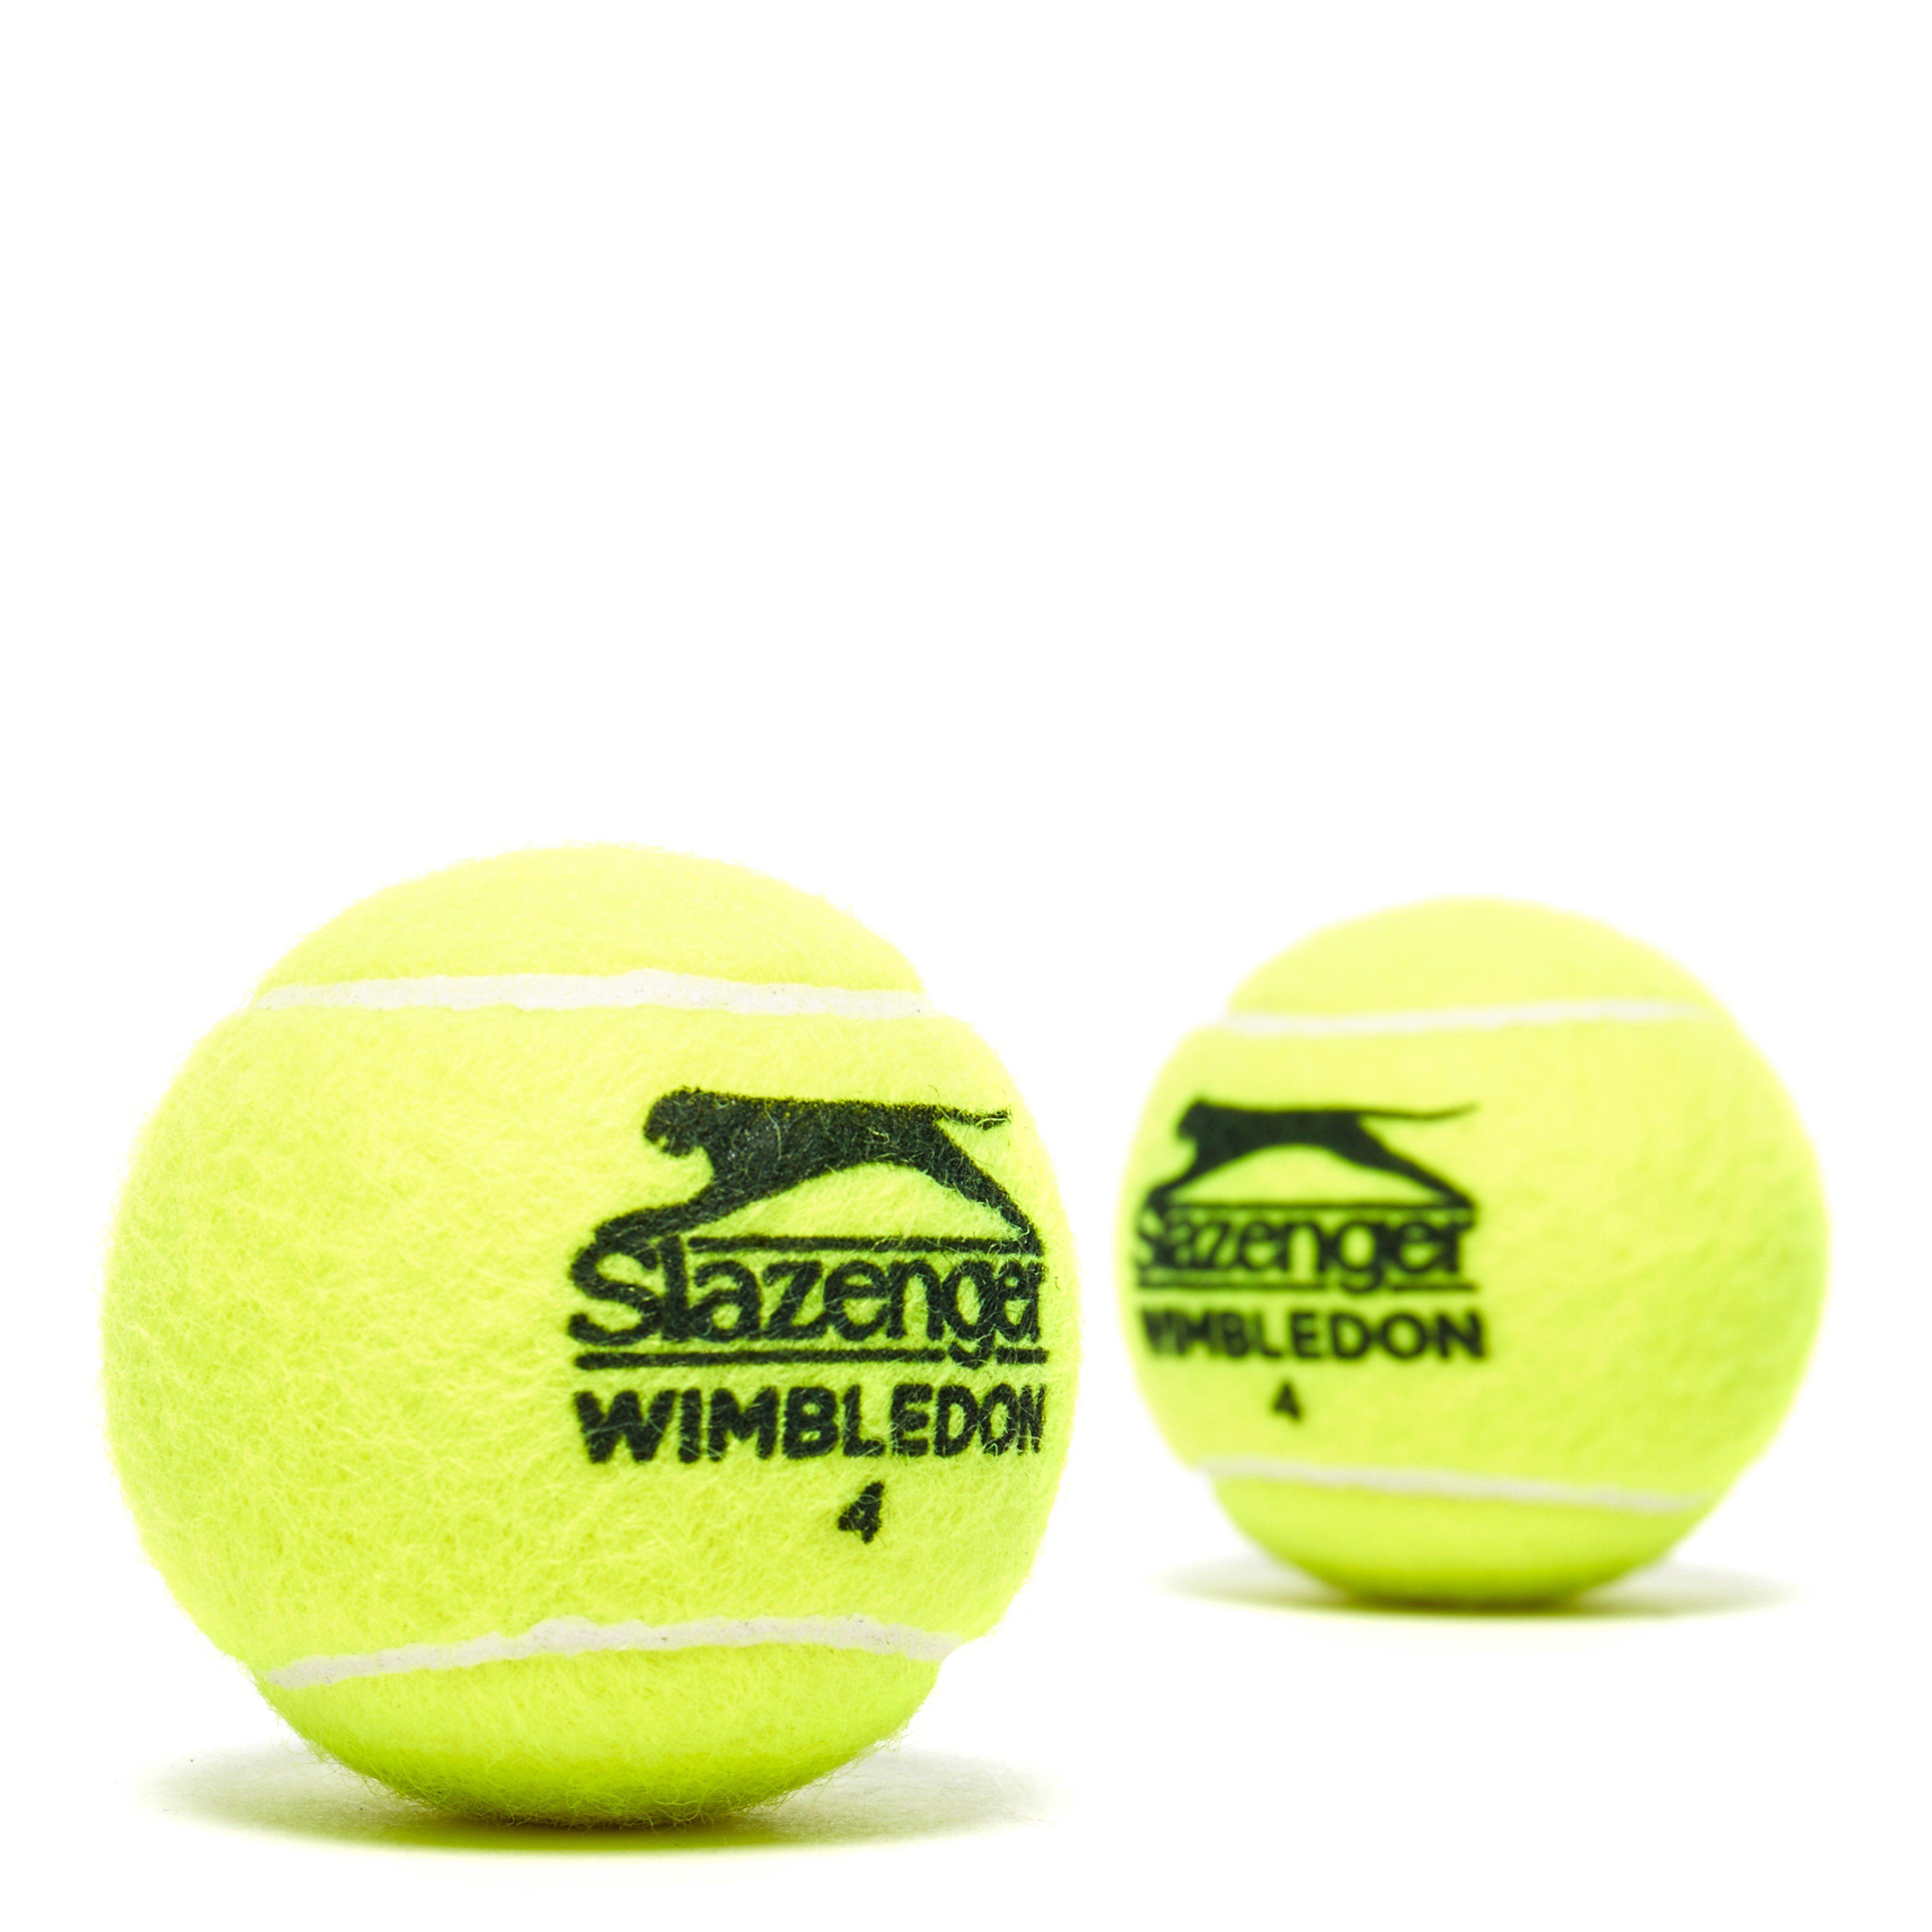 Slazenger Wimbledon 2018 Tennis Balls (4 Ball Can)